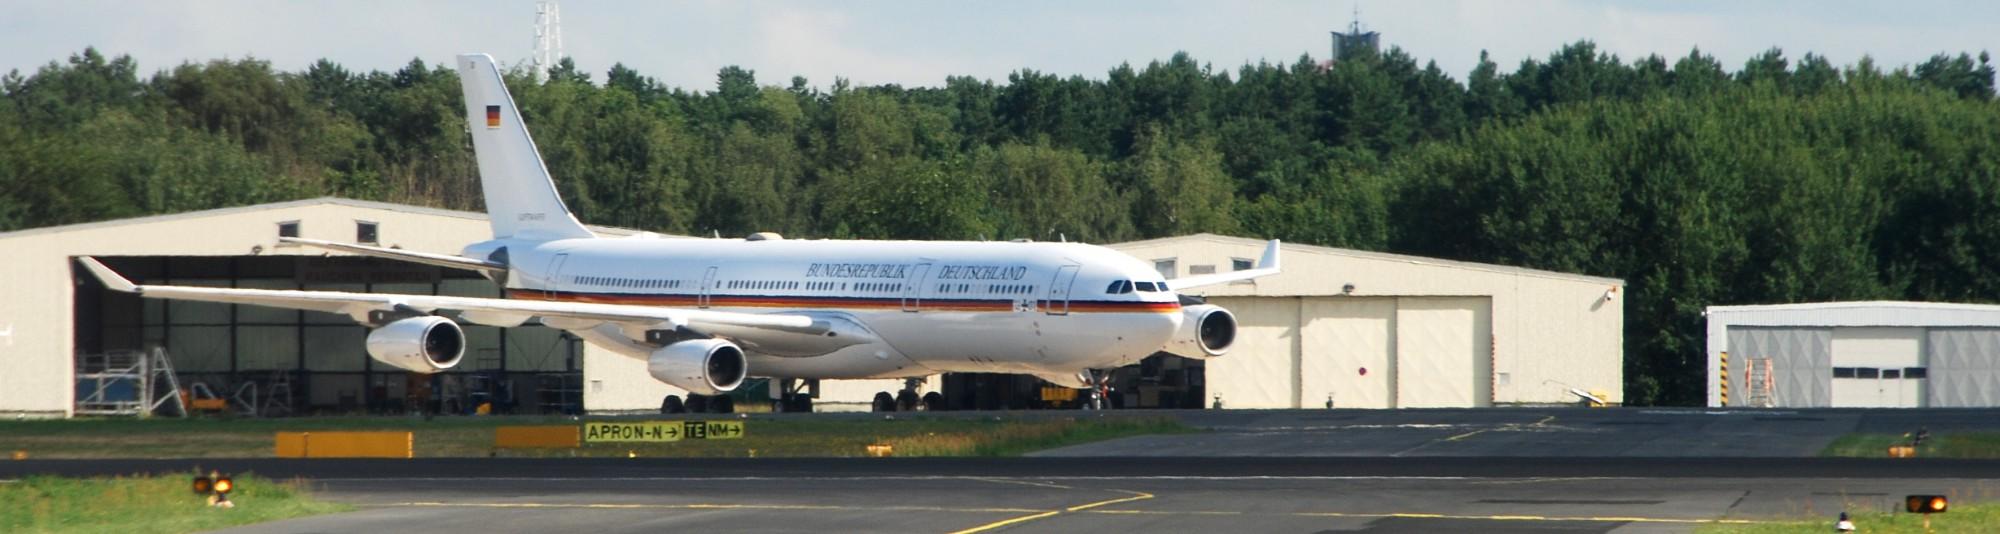 airport-regional.de